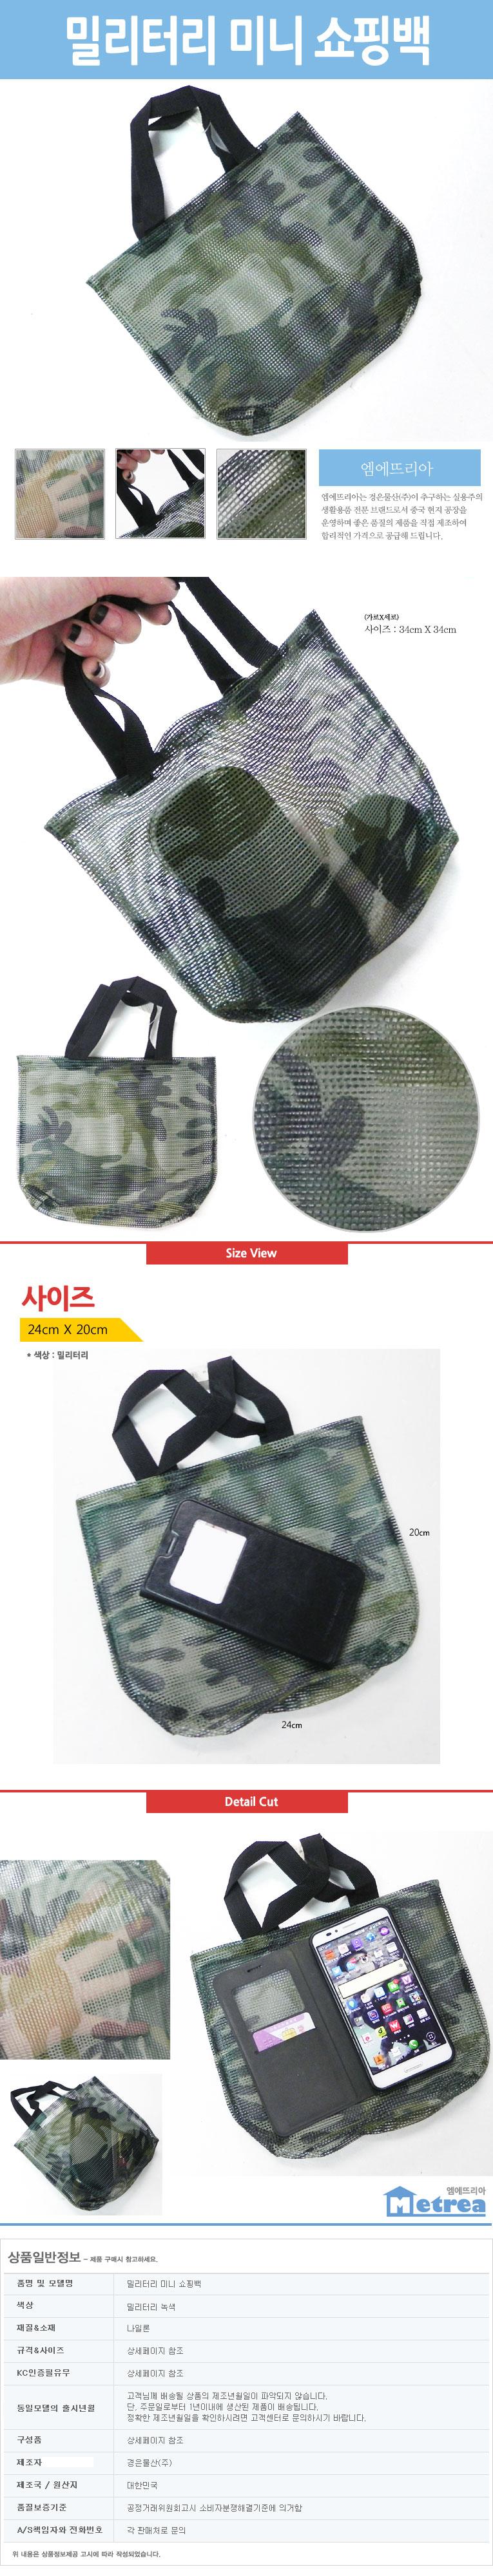 밀리터리 미니 쇼핑백 - 생활통, 1,000원, 장바구니/핸드카트, 장바구니